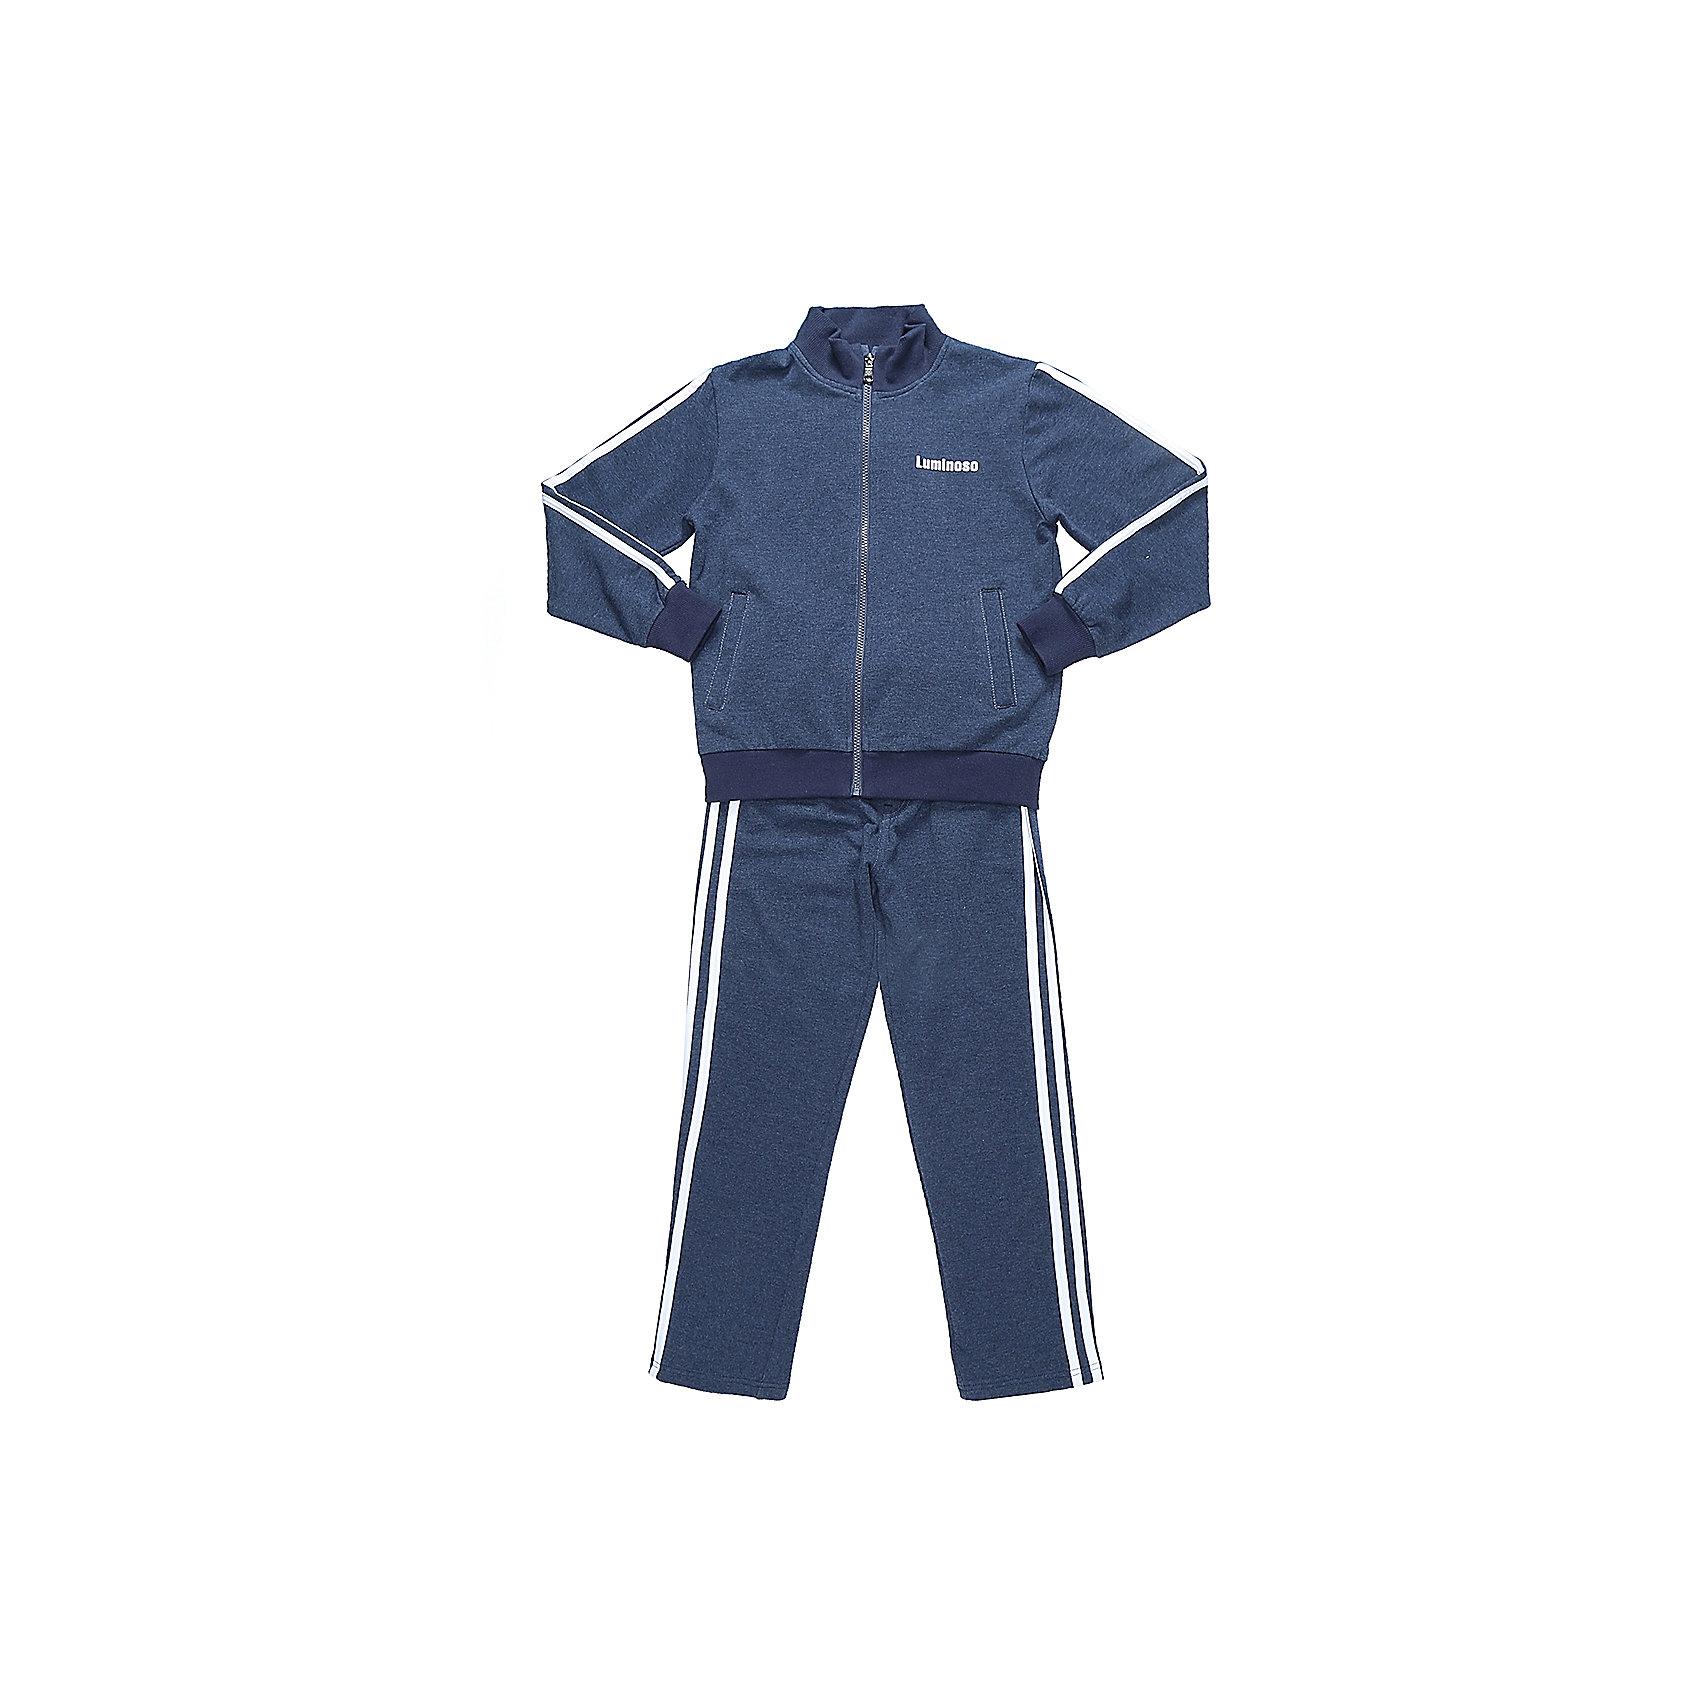 Спортивный костюм для мальчика LuminosoСпортивная форма<br>Характеристики товара:<br><br>• цвет: темно-синий<br>• состав: 95% хлопок, 5% эластан<br>• сезон: демисезон<br>• застежка: молния<br>• штаны на резинке<br>• дополнительный регулируемый шнурок<br>• два прорезных кармана <br>• особенности: для занятий физкультурой/спортом<br>• страна бренда: Россия<br>• страна производства: Китай<br><br>Классический спортивный костюм для мальчика из трикотажной, хлопковой ткани темно-синего цвета. Кофта с длинным рукавом и воротником стойкой. Два прорезных кармана. Застежка на молнии. Штаны прямого кроя, на широком эластичном поясе с дополнительно регулируемым шнуром. Кофта и брюки декорированны контрастными полосками. Спортивный костюм для физкультуры и занятий спортом.<br><br>Спортивный костюм для мальчика Luminoso (Люминосо) можно купить в нашем интернет-магазине.<br><br>Ширина мм: 247<br>Глубина мм: 16<br>Высота мм: 140<br>Вес г: 225<br>Цвет: синий<br>Возраст от месяцев: 156<br>Возраст до месяцев: 168<br>Пол: Мужской<br>Возраст: Детский<br>Размер: 164,122,128,134,140,146,152,158<br>SKU: 6672554